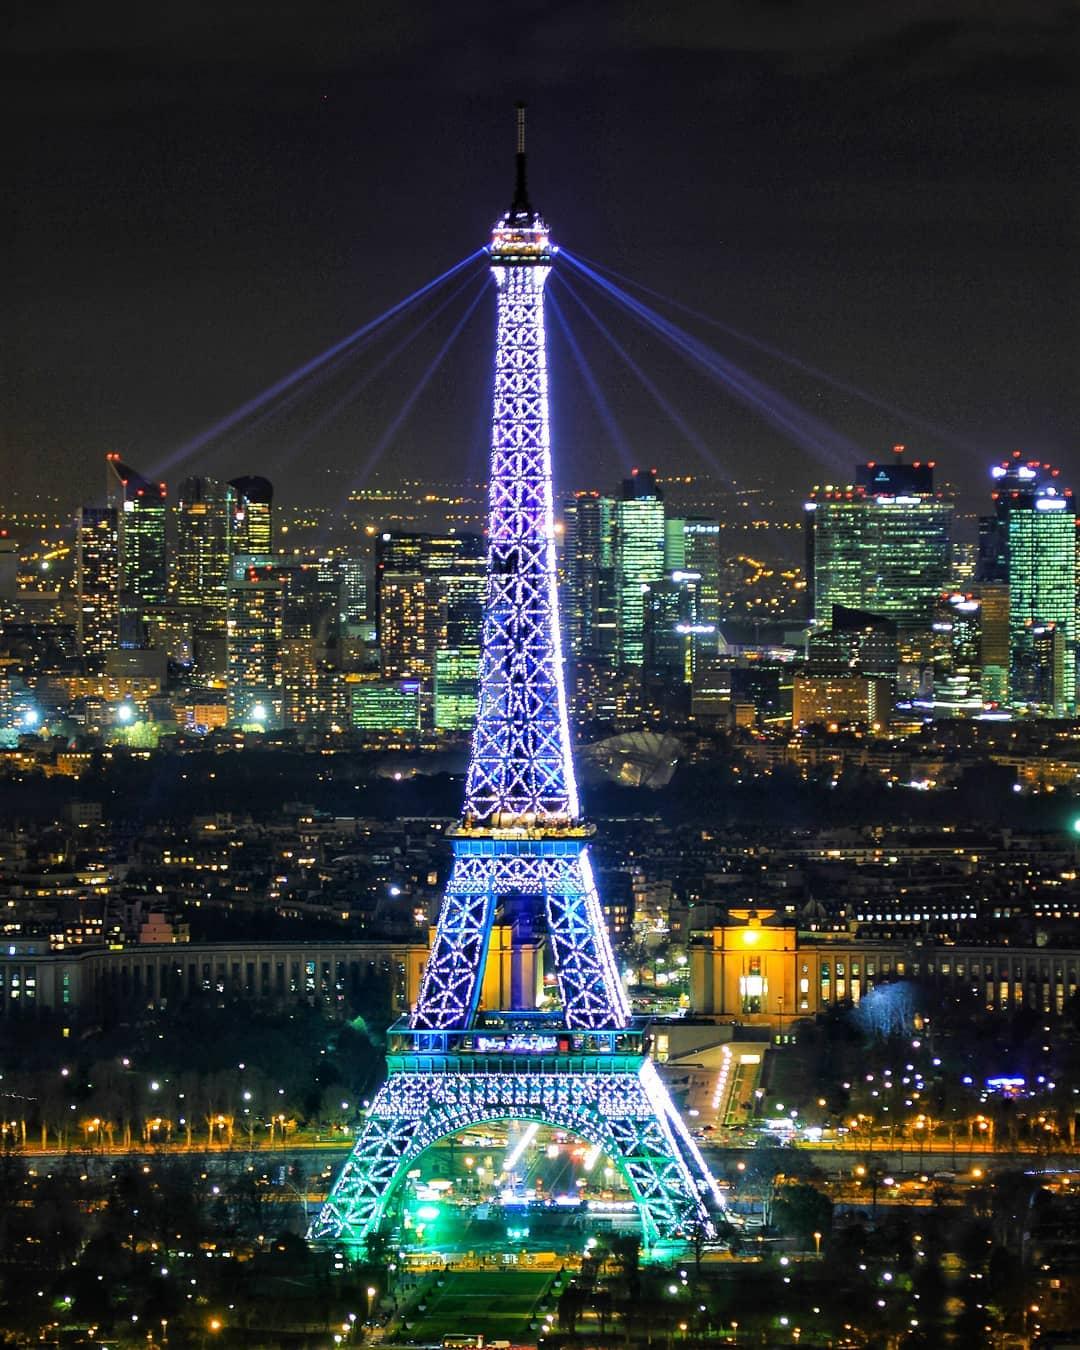 Appart hôtel Paris : quand faire sa réservation ?